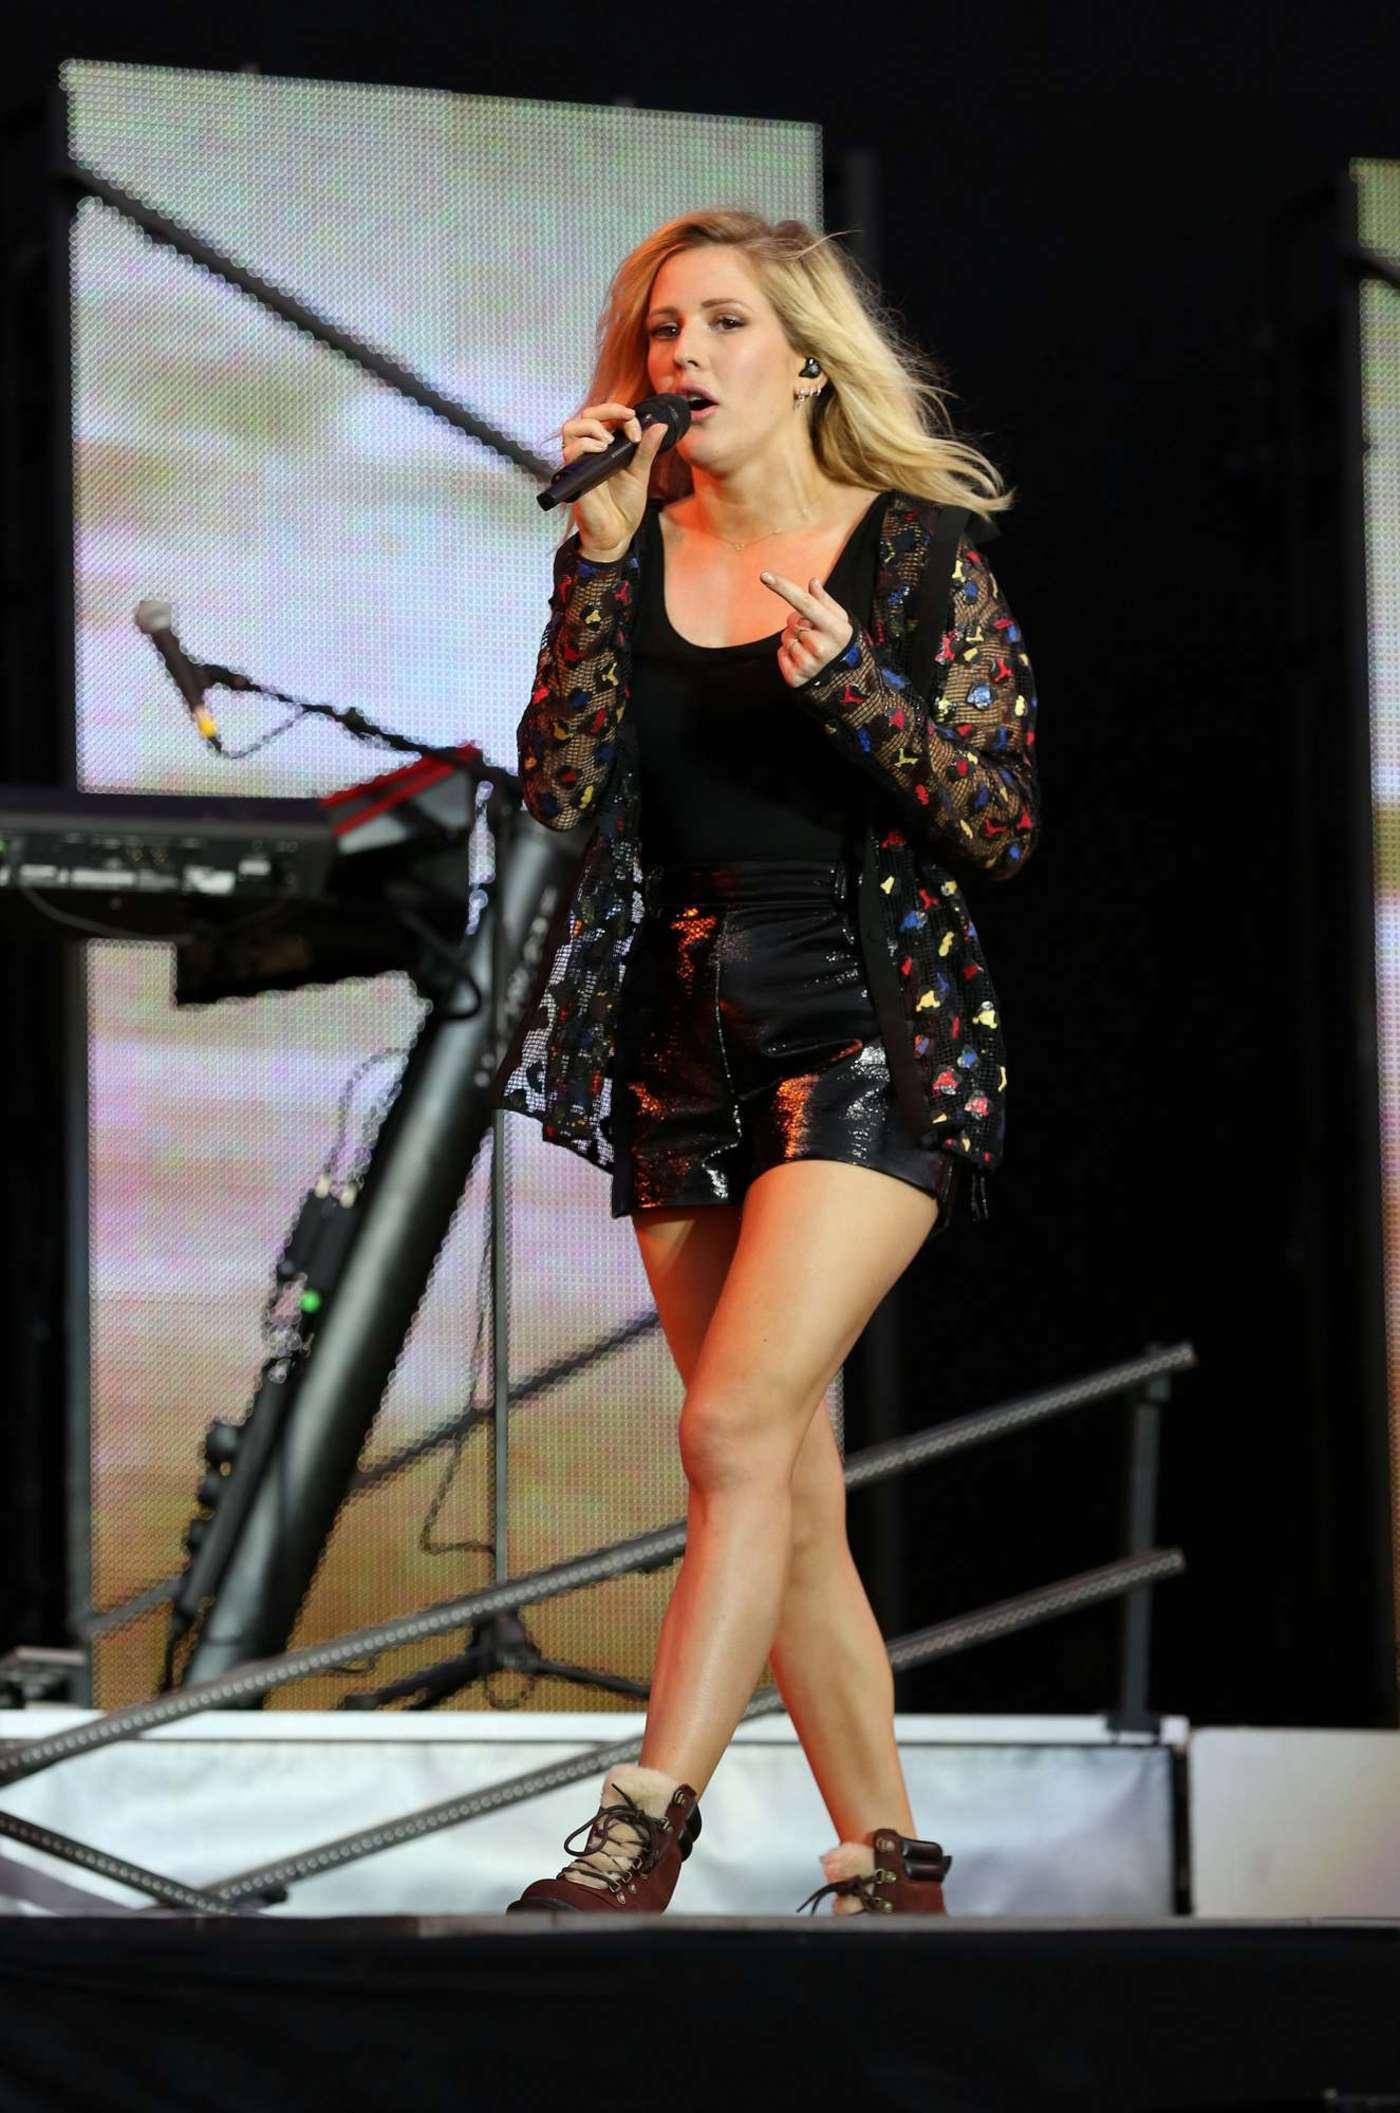 Ellie Goulding - Performs at V Festival at Weston Park